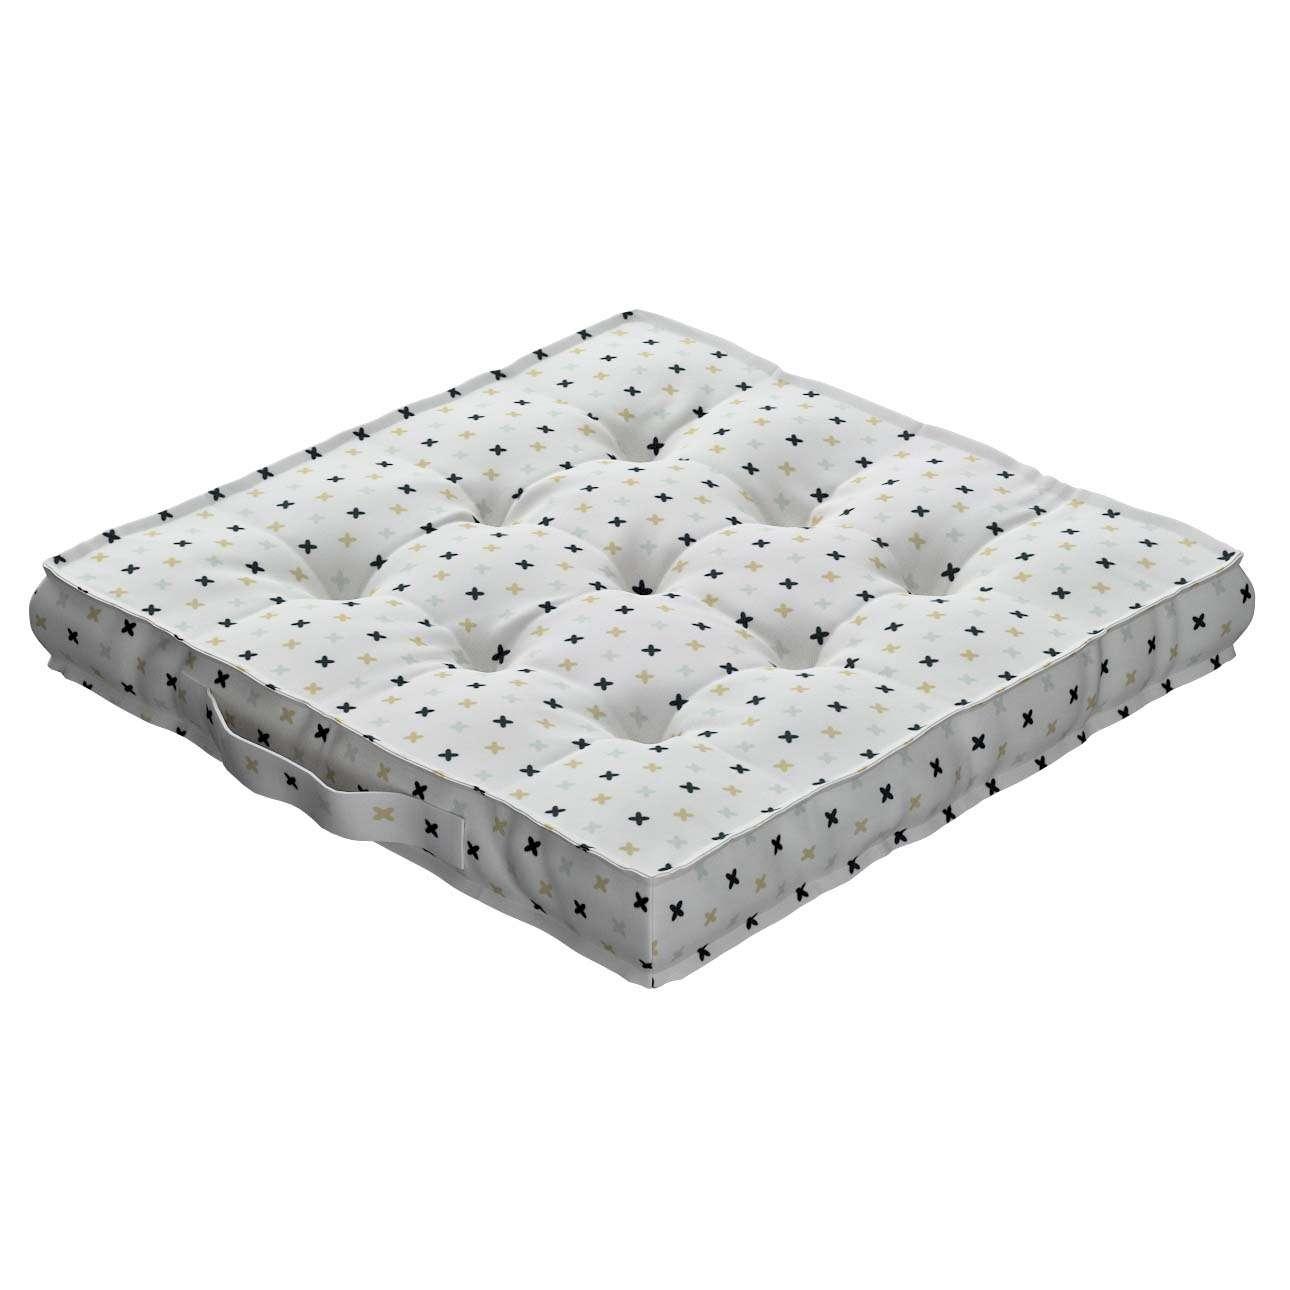 Siedzisko Kuba na krzesło w kolekcji Adventure, tkanina: 141-83